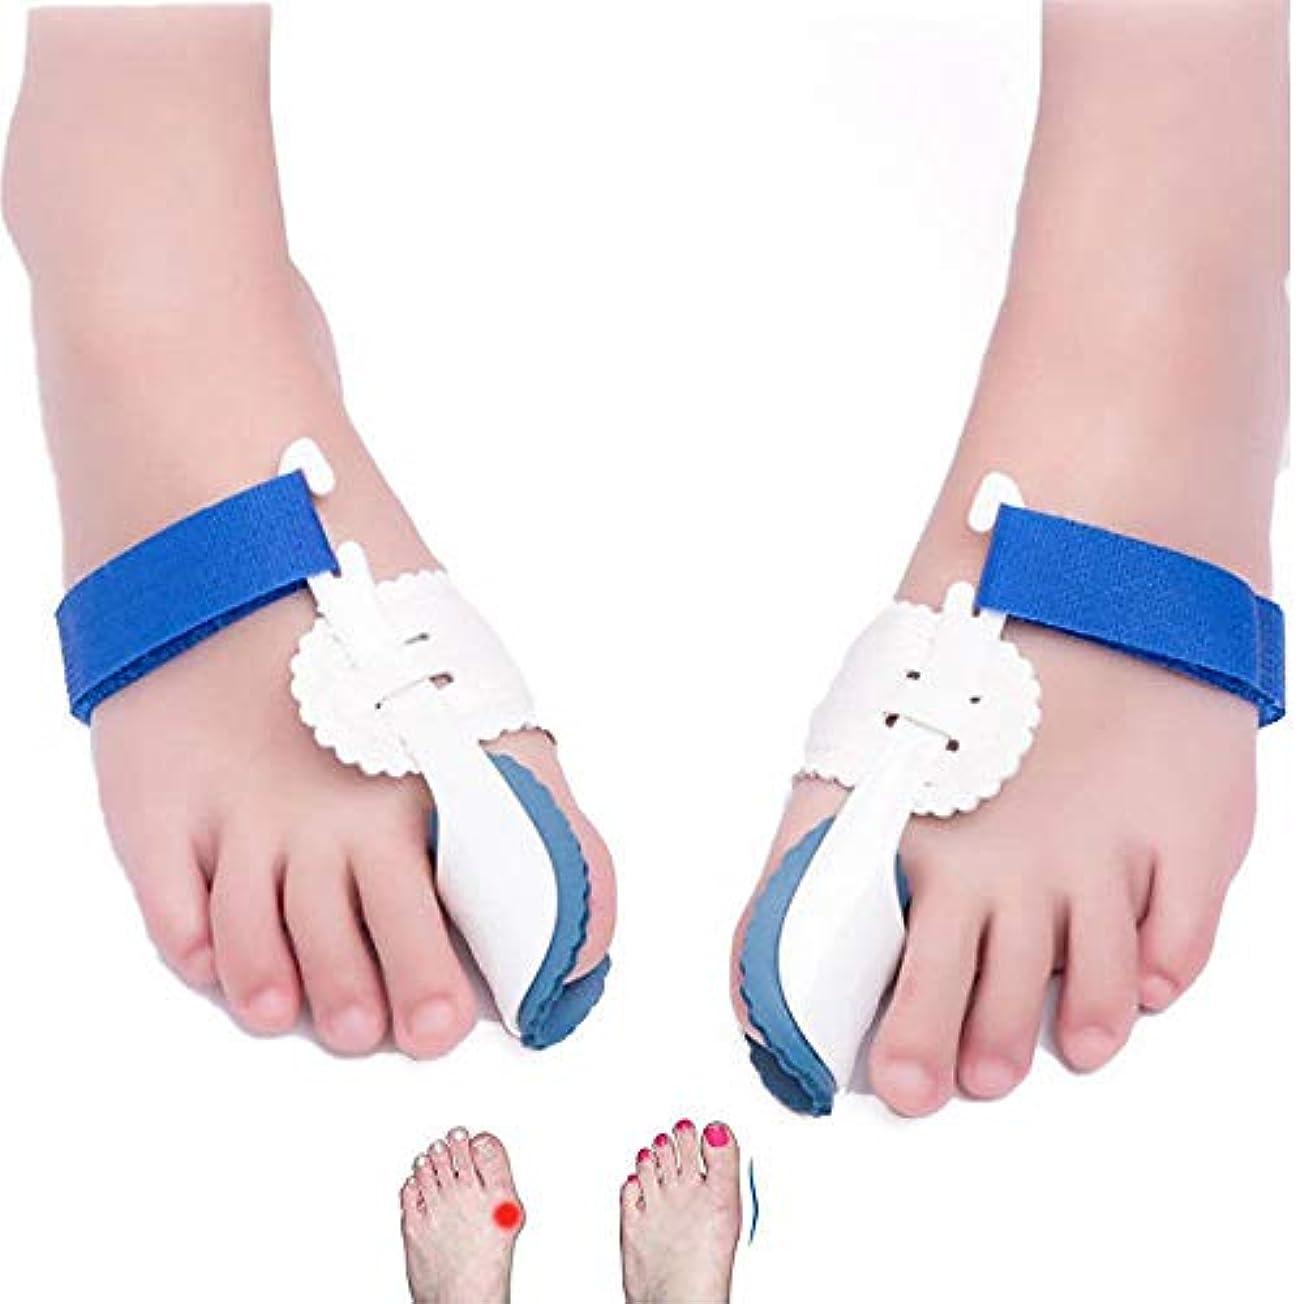 思いつく時代最も親指外反矯正器、調整可能な腱弓補正器 外反母趾腱膜補助矯正 つま先セパレータープロテクターとして機能します。 フットケア 男性&女性向け